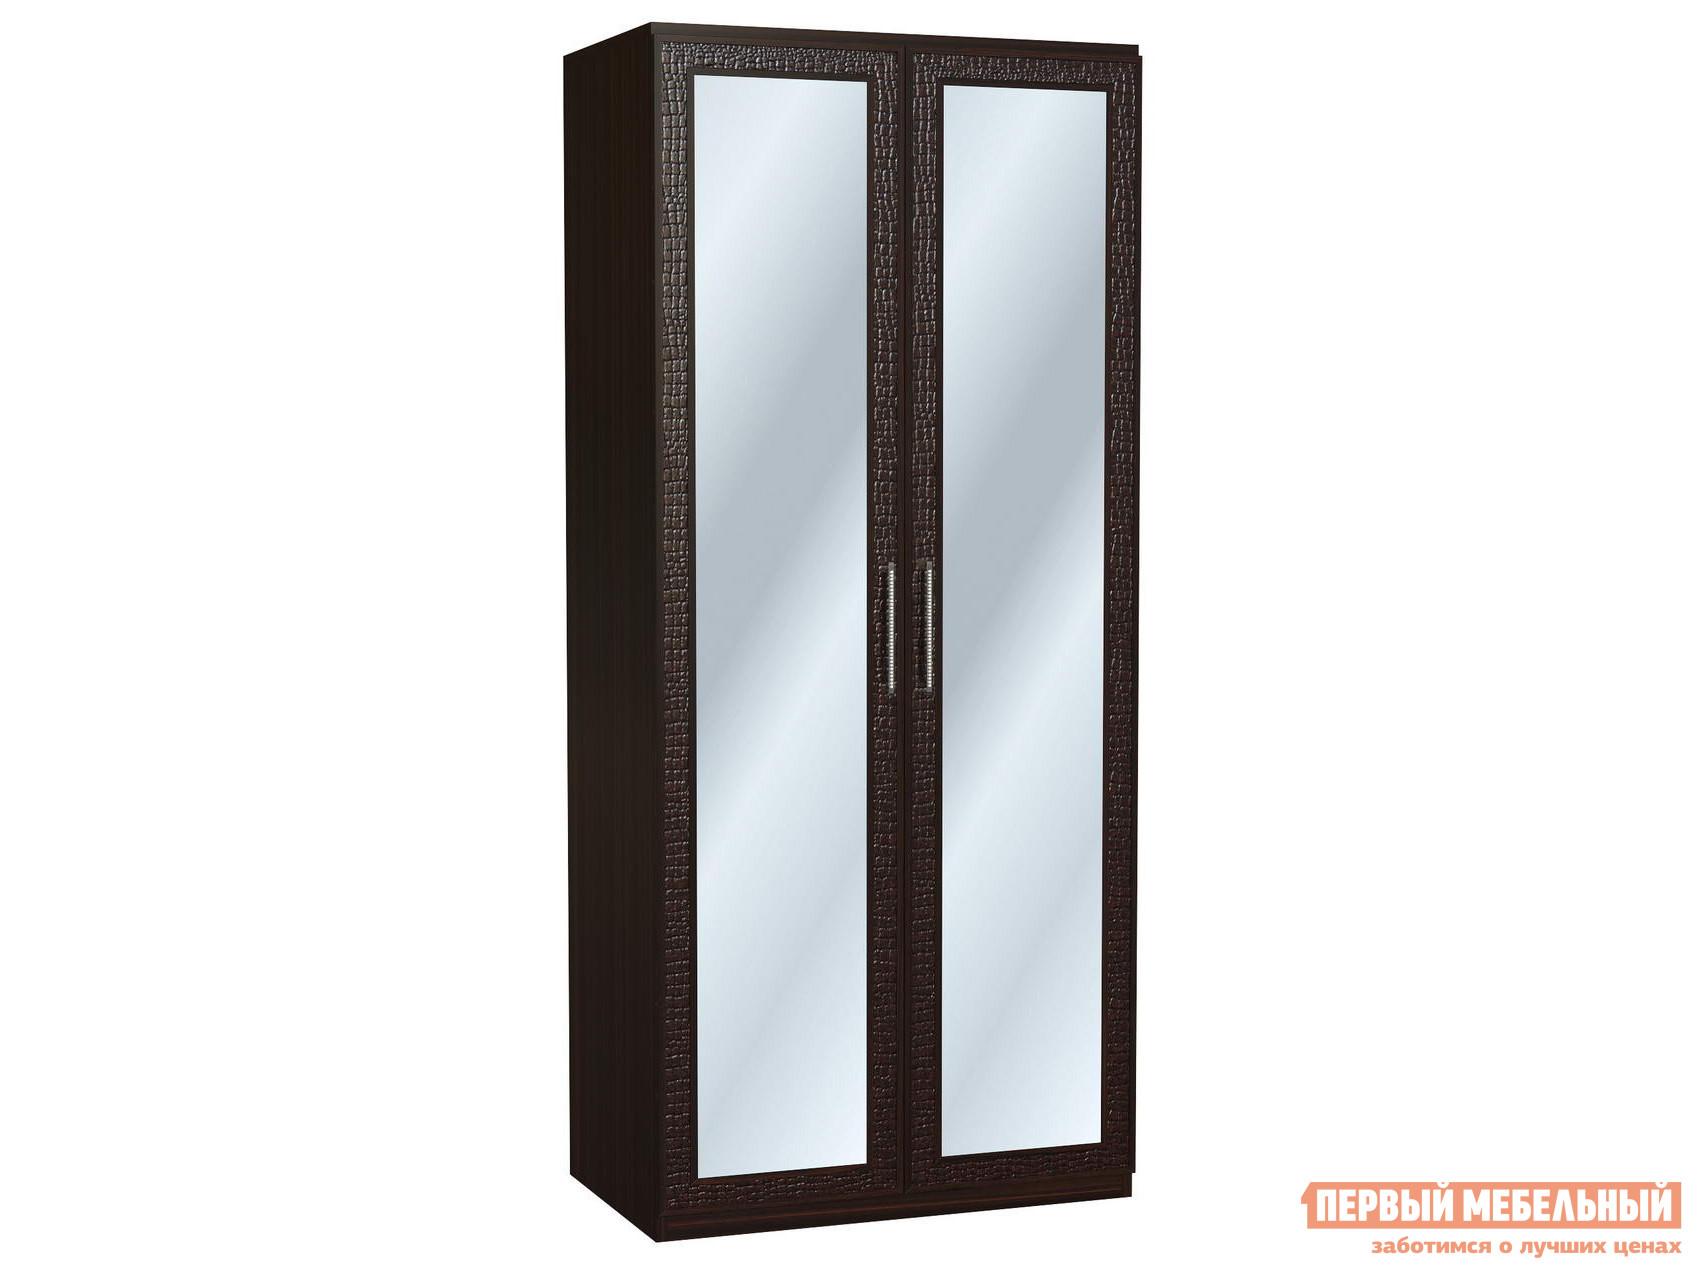 Распашной двухдверный шкаф Первый Мебельный Тоскана Ш2 распашной шкаф первый мебельный тоскана 4